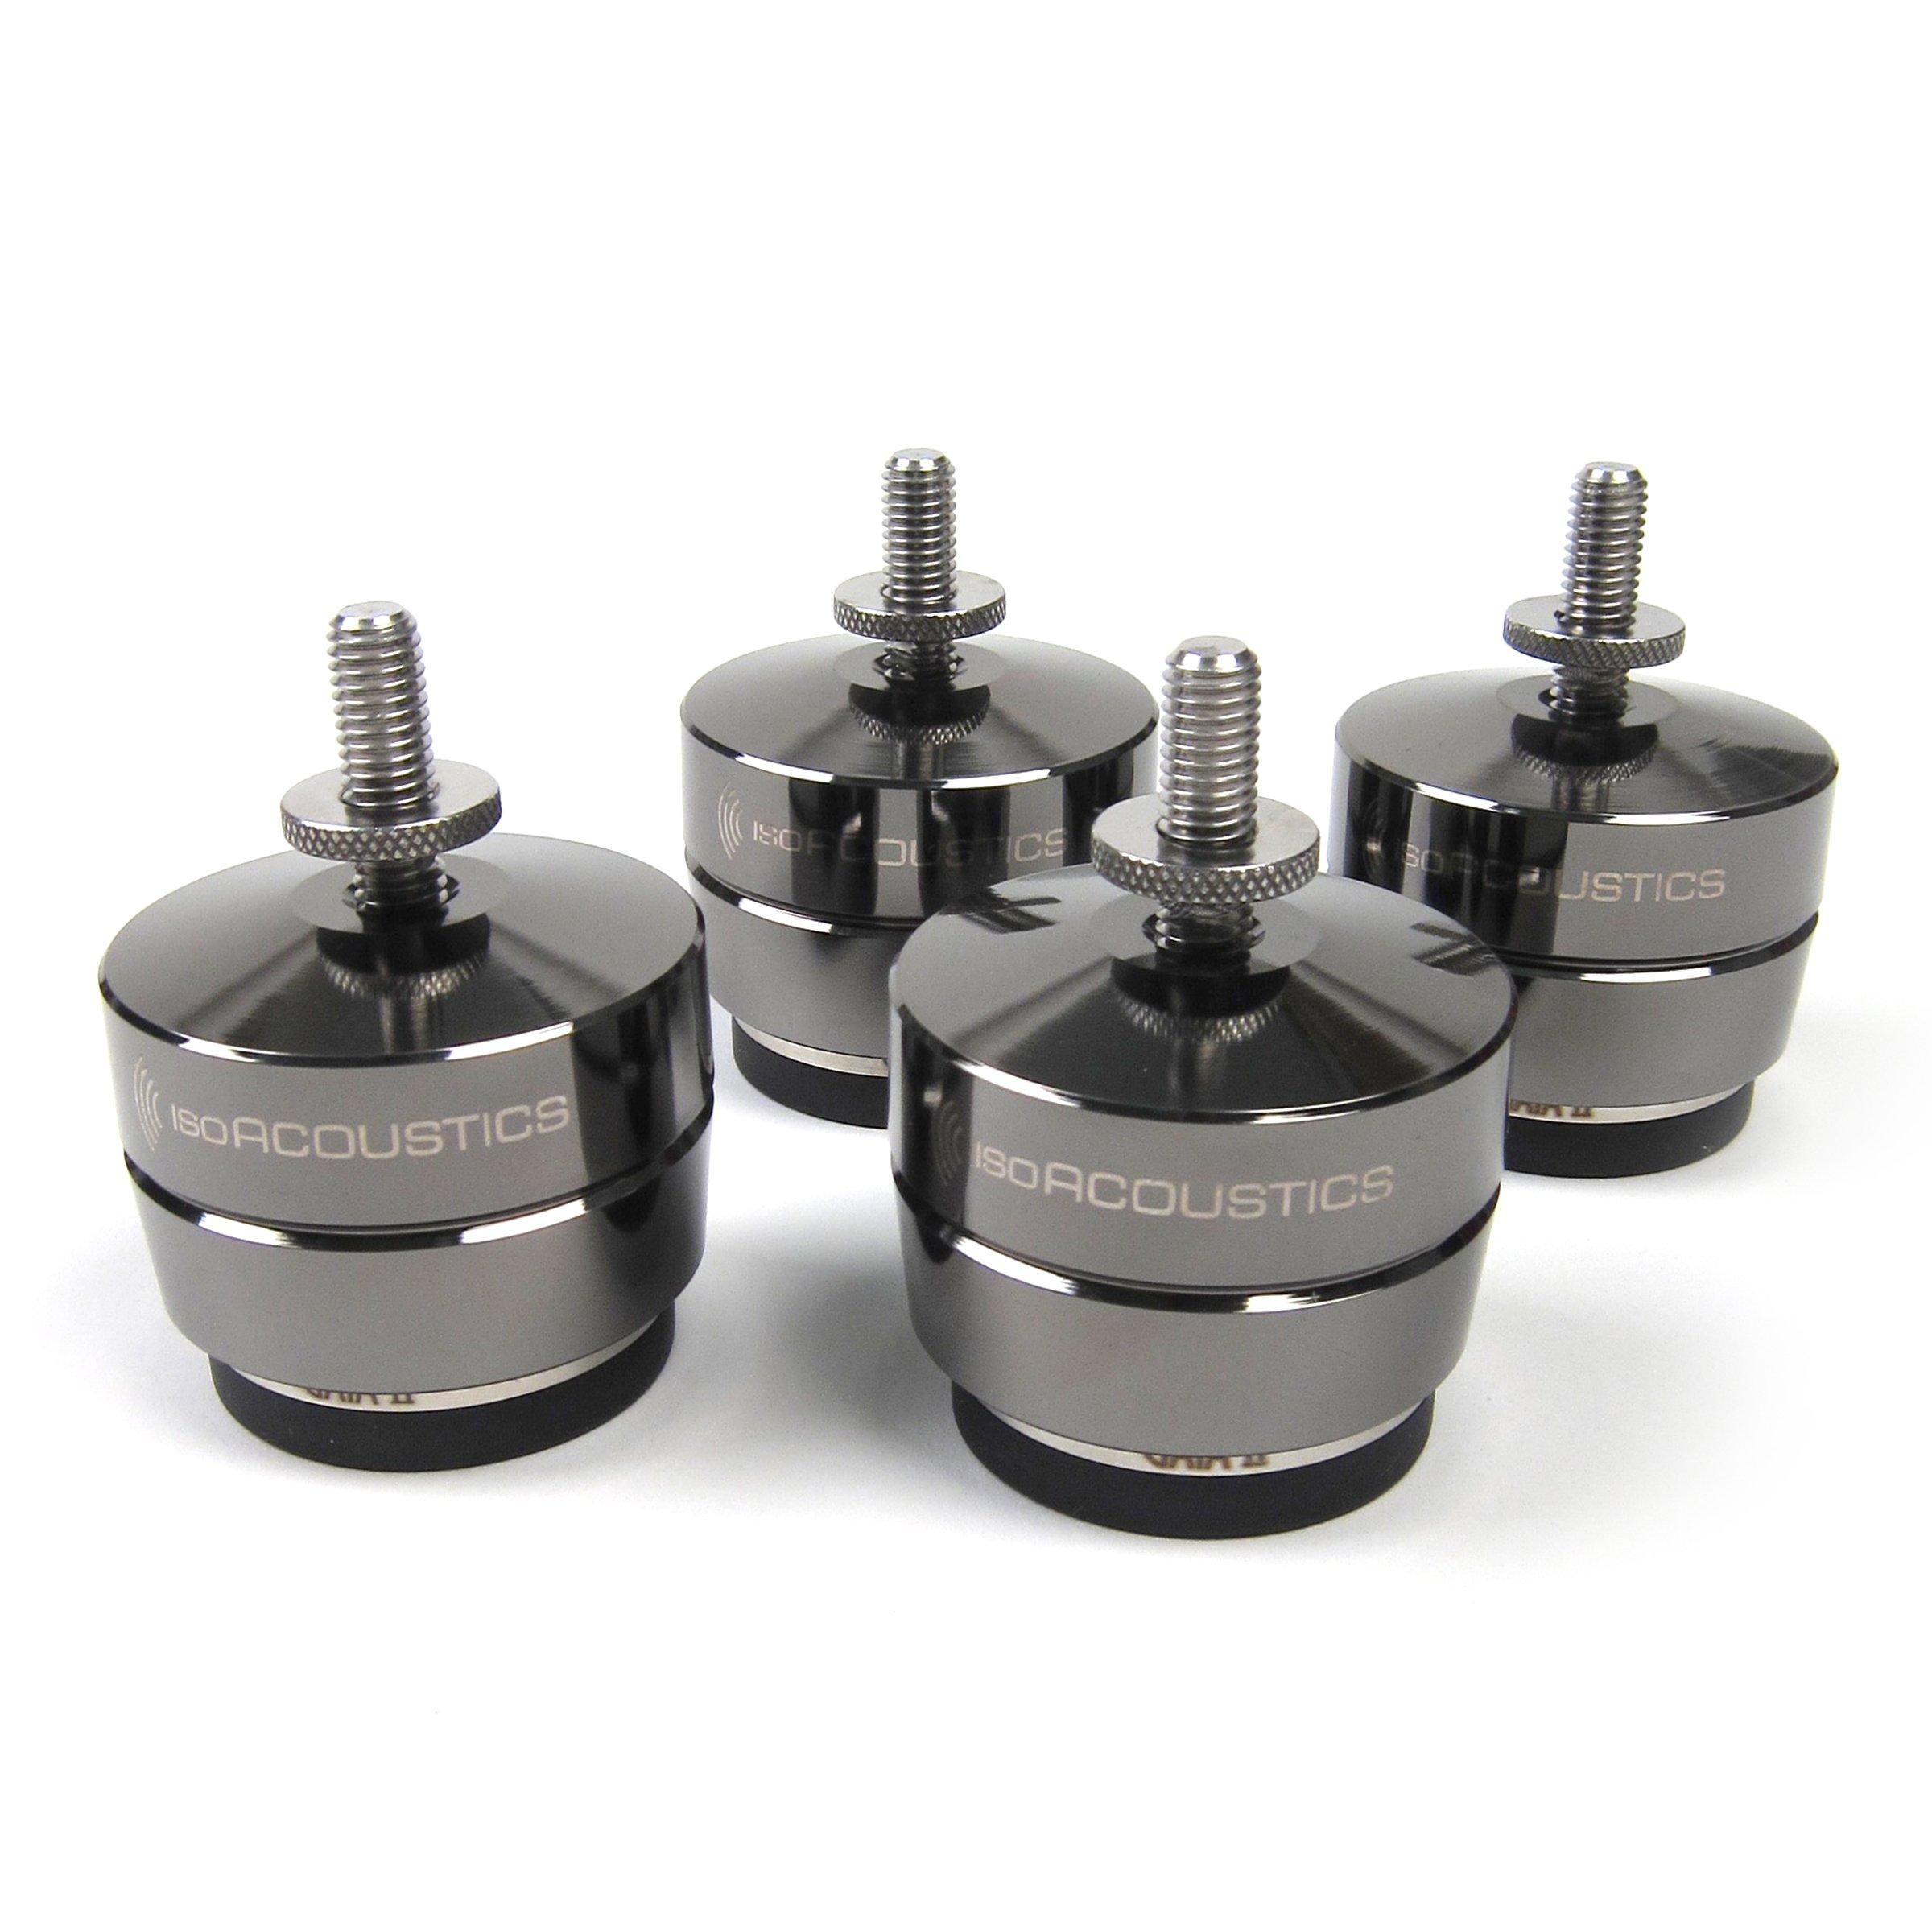 IsoAcoustics: GAIA II Speaker Feet - Dark Chrome (4 Pack)